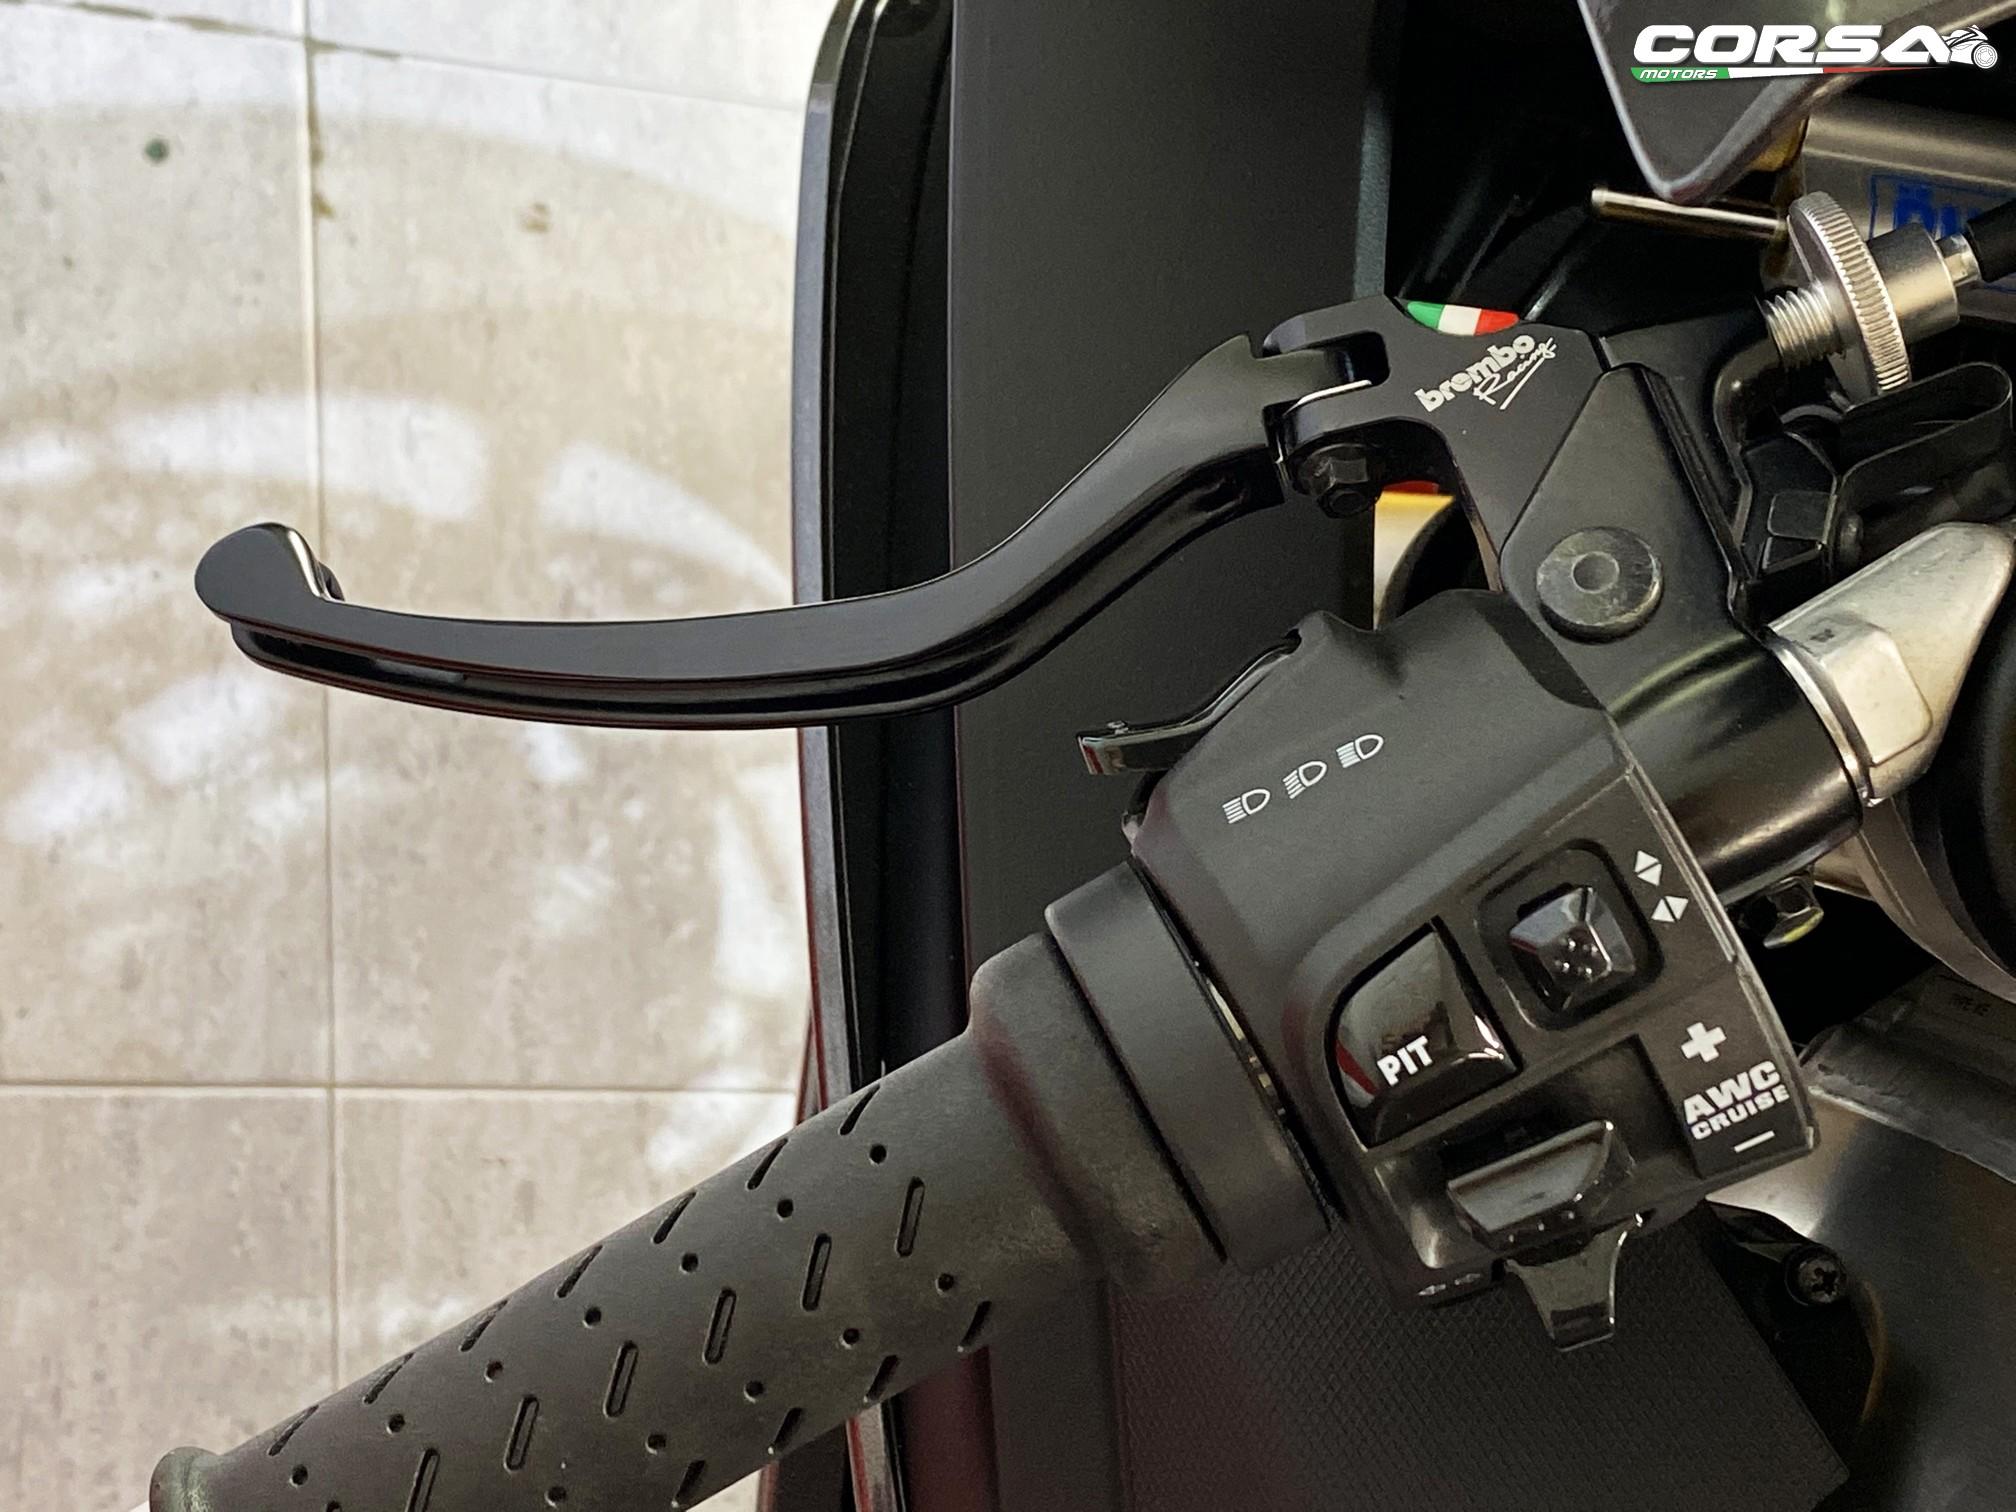 【Corsa Motors Limited】 APRILIA RSV4 二手車 2017年 - 「Webike摩托車市」